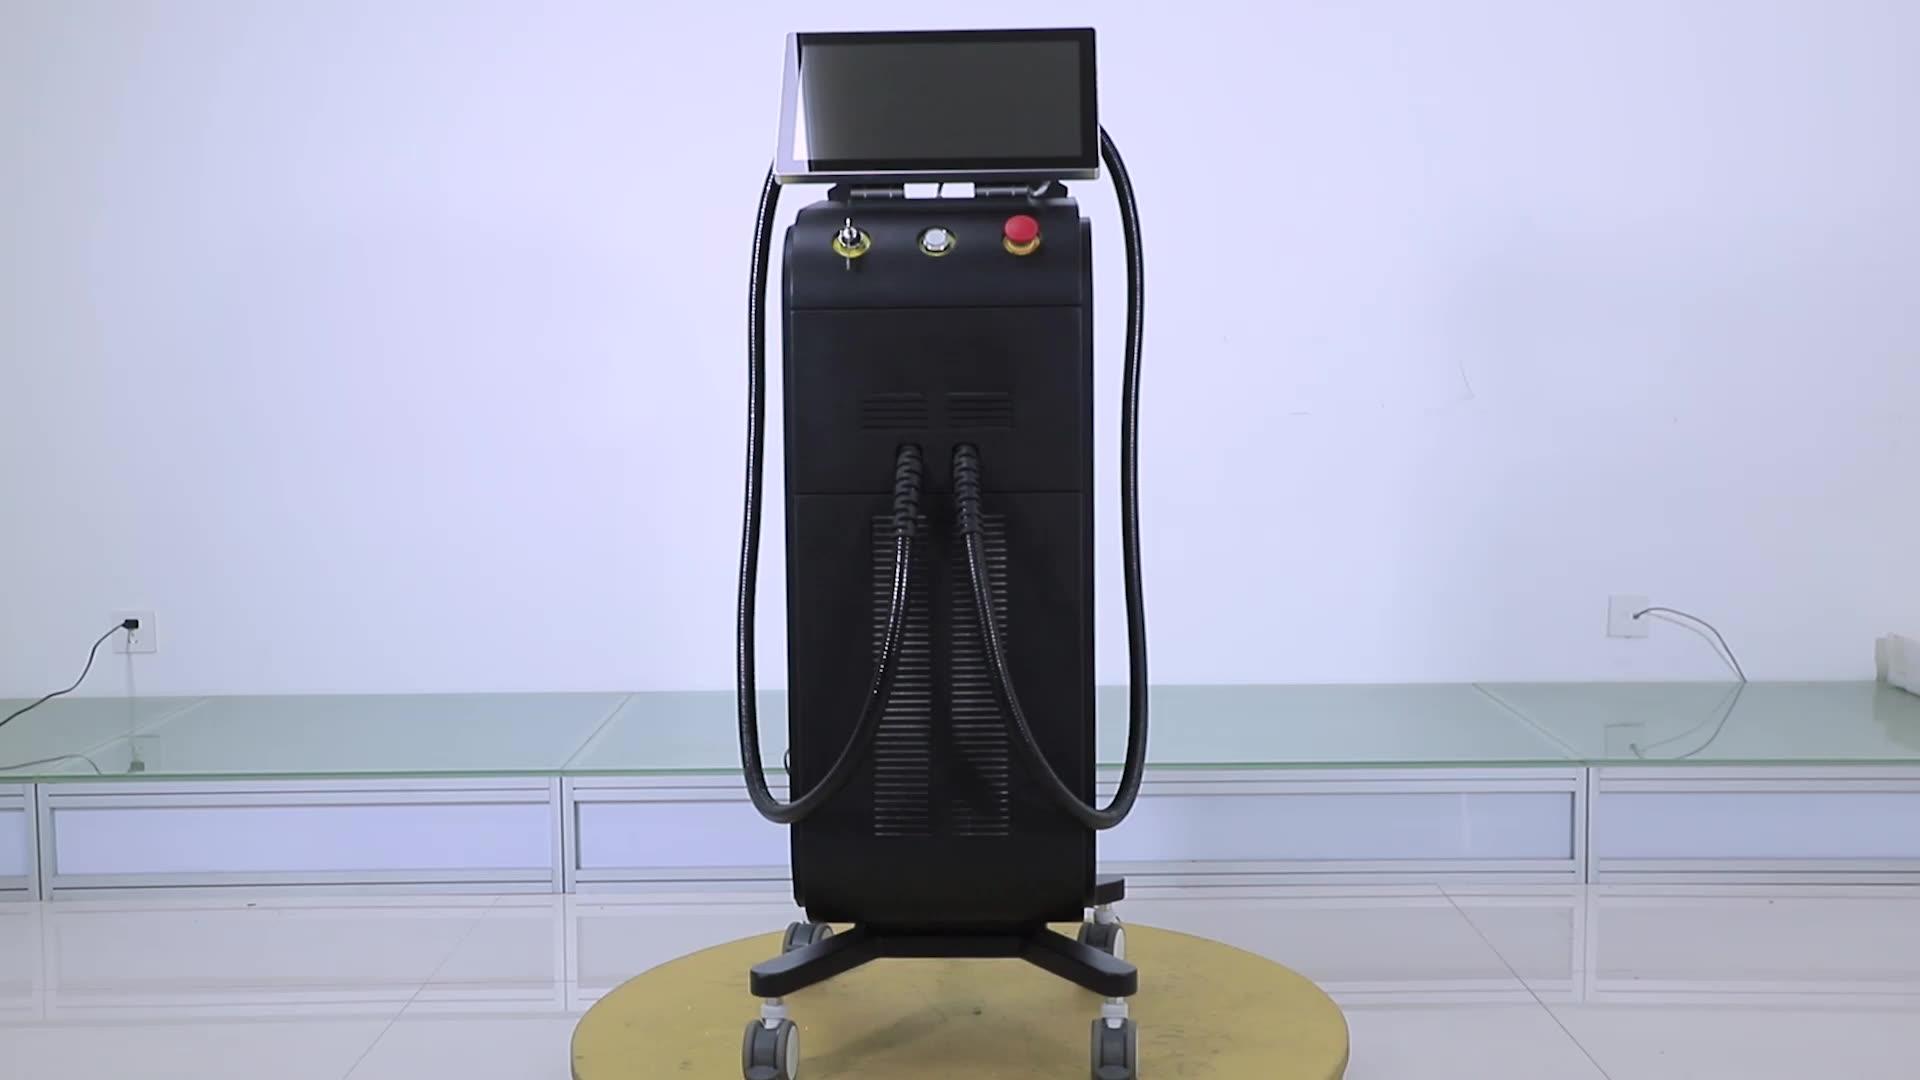 Alma Sopran Ice Platinum Laser 755 808 1064 nm/Diodenlaser Haaren tfernungs maschine mit Sopran XL Ice Honor Ice